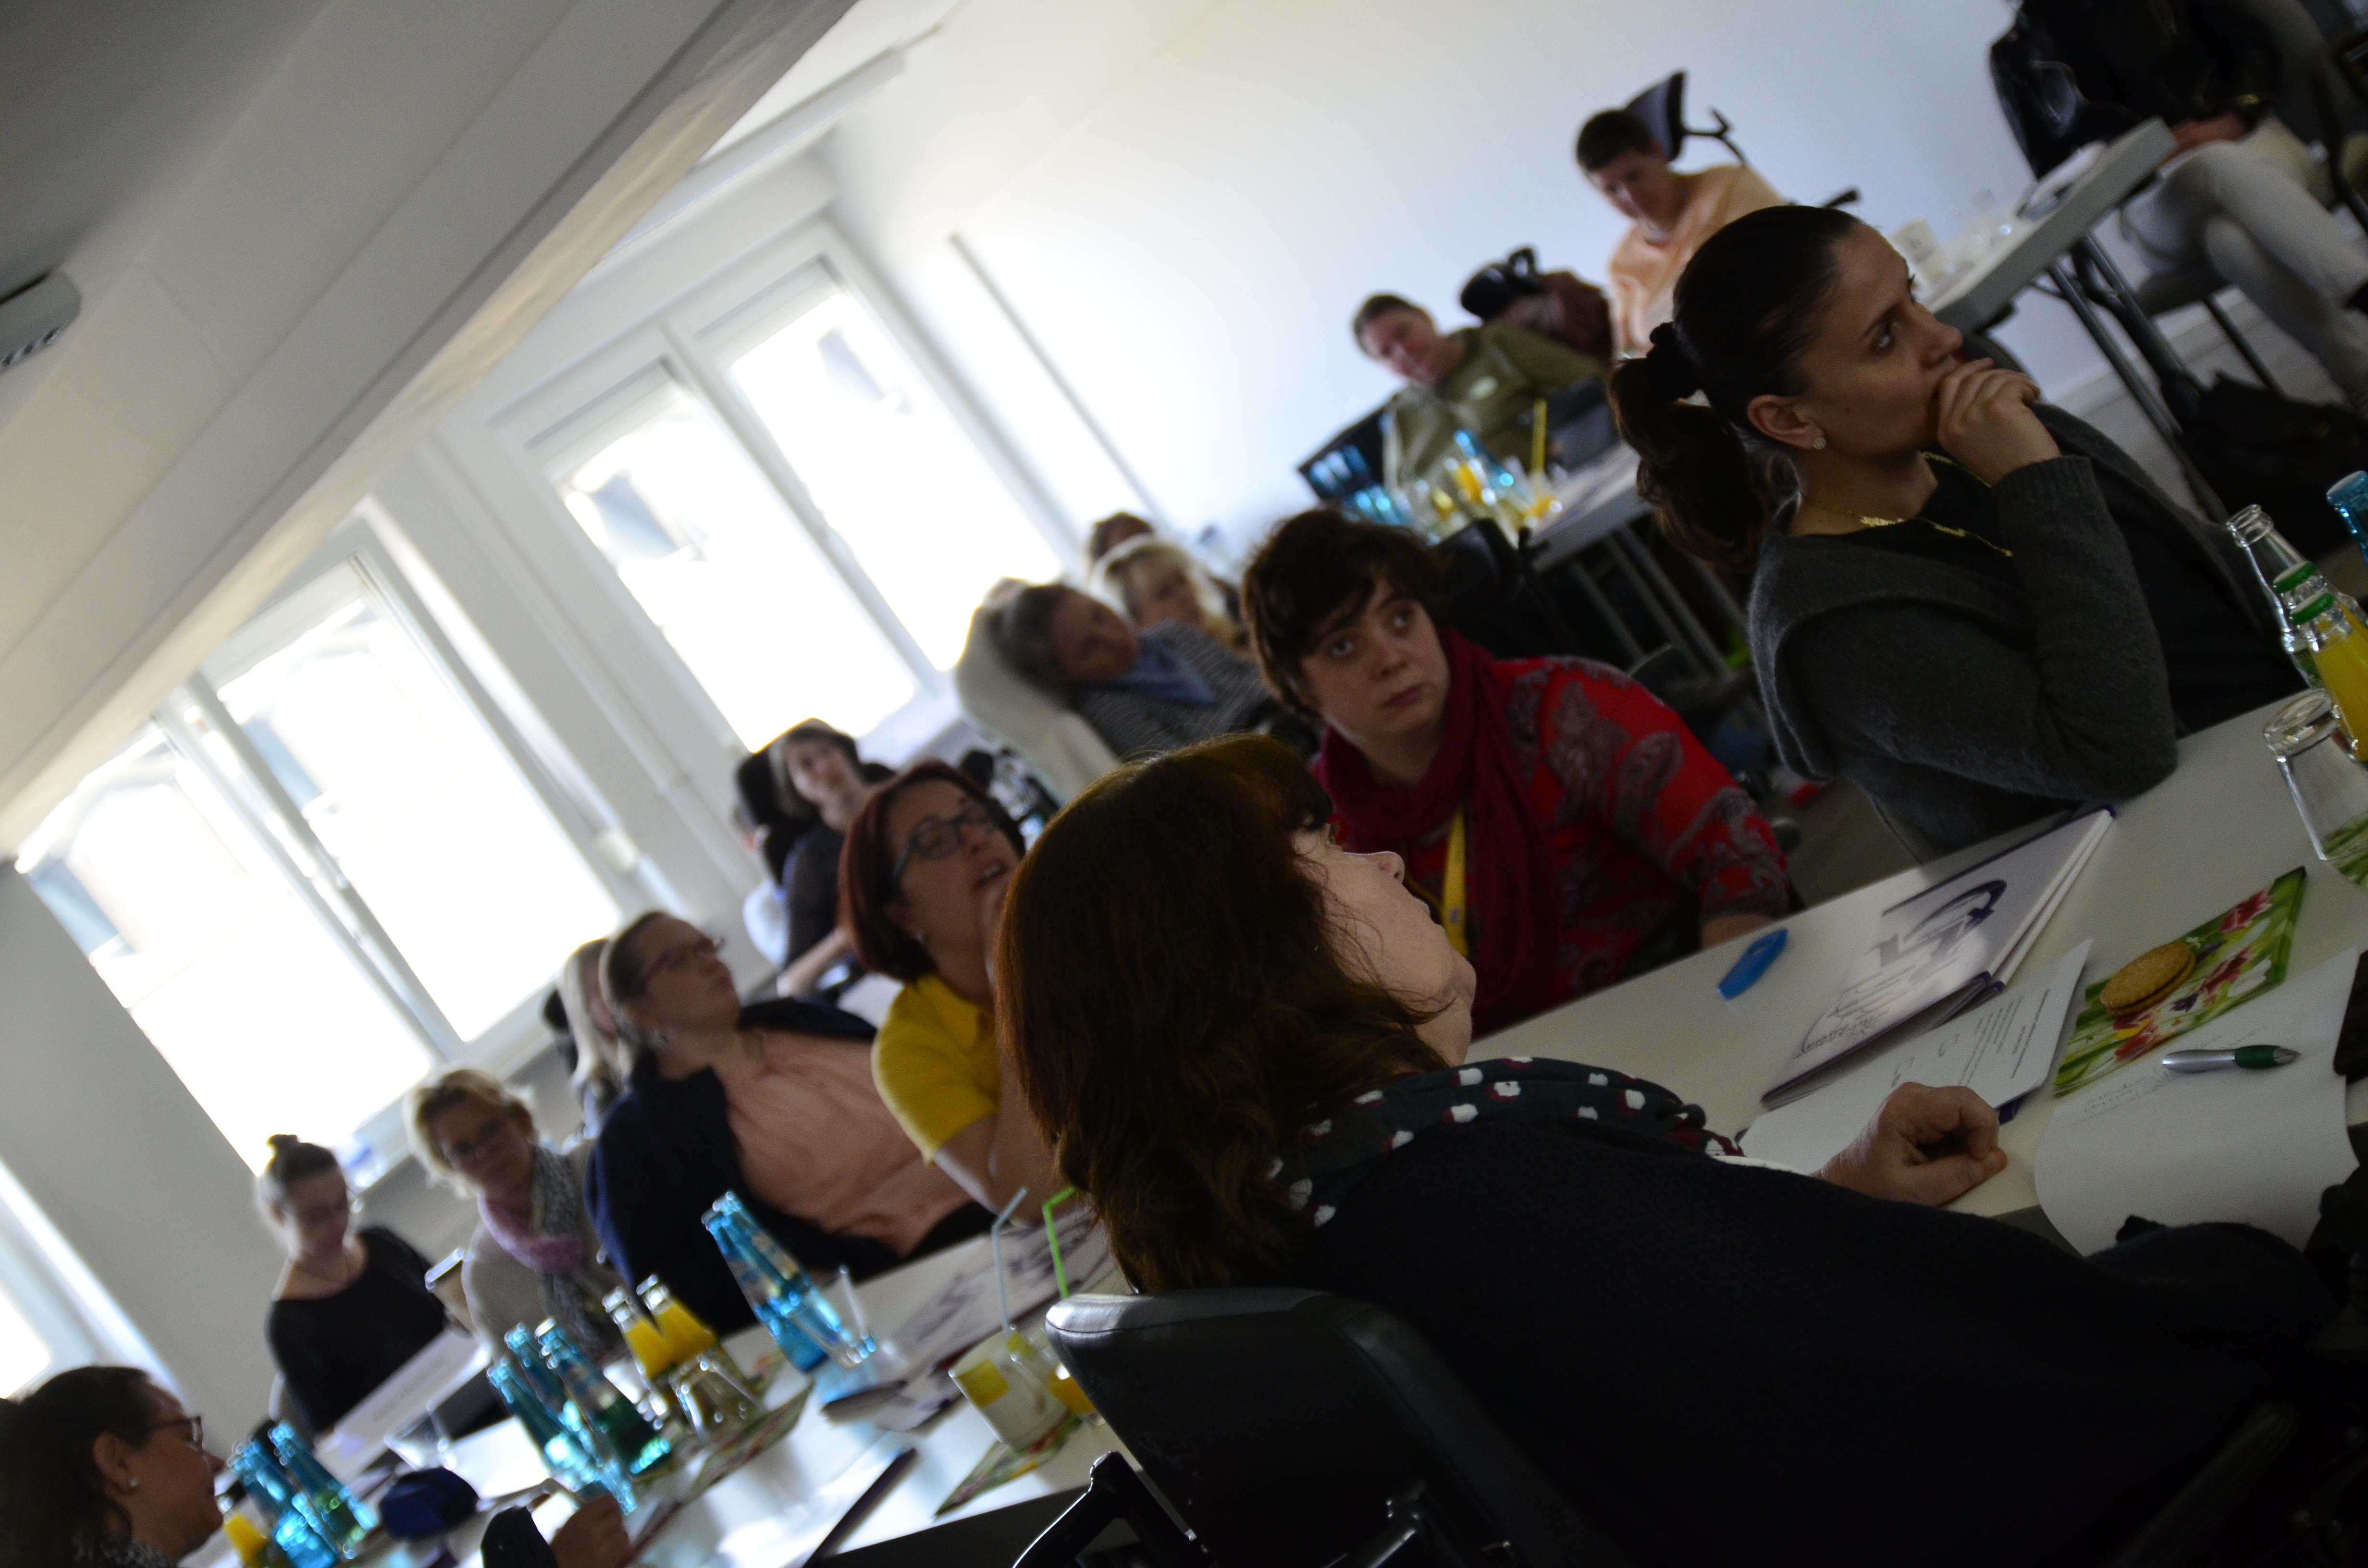 Foto vom Plenum im Frühjahr 2018. Frauen mit unterschiedlichen Behinderungen sitzen an langen Tischen. Foto: Anja Kopf und Verena Braun